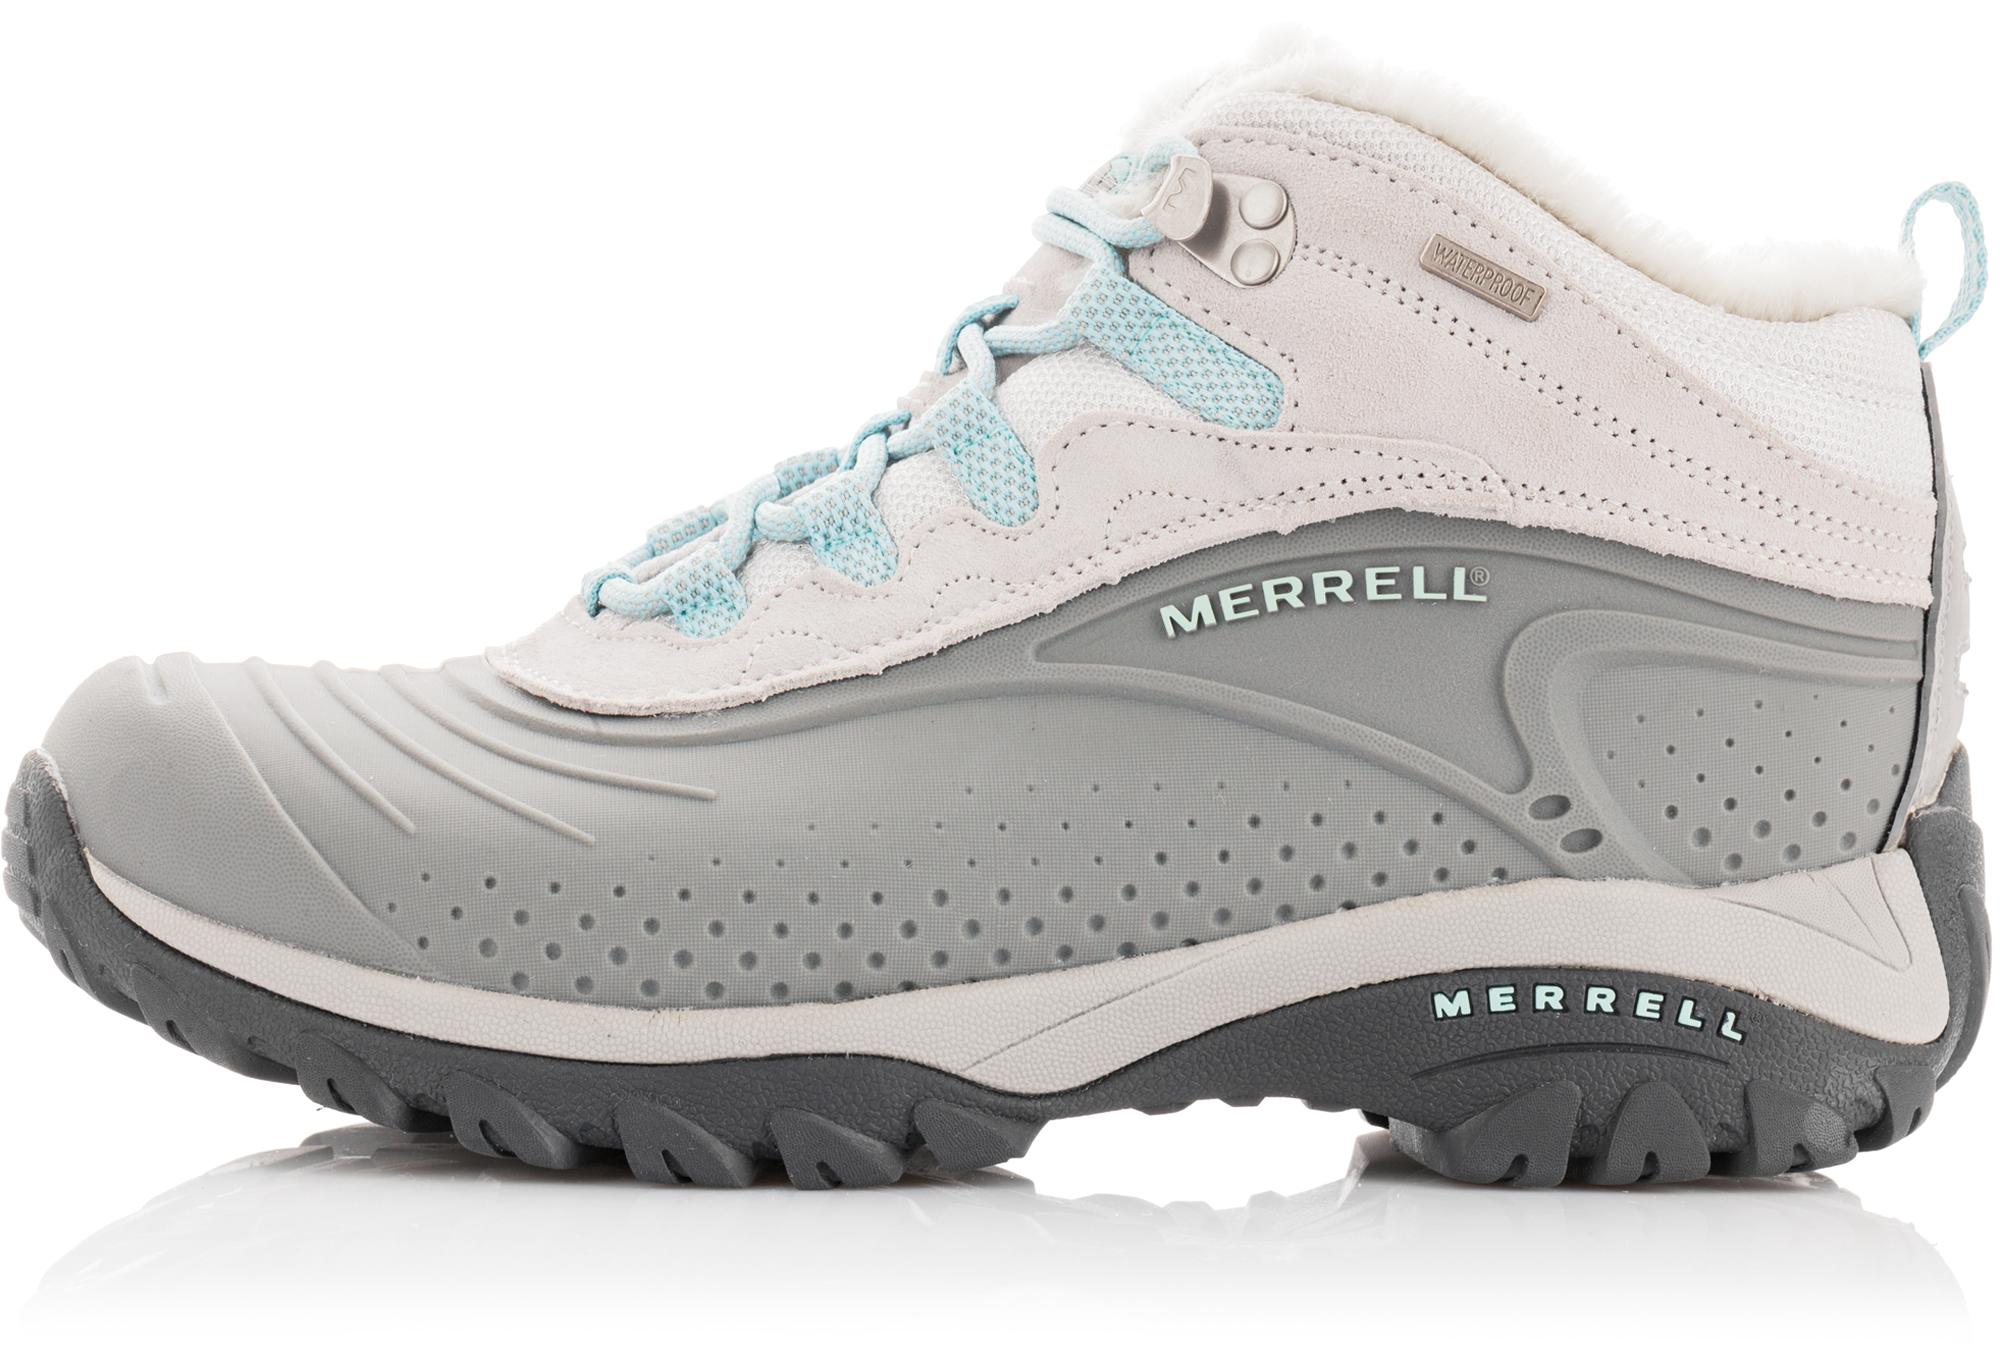 Merrell Ботинки утепленные женские Merrell Storm Trekker 6, размер 42